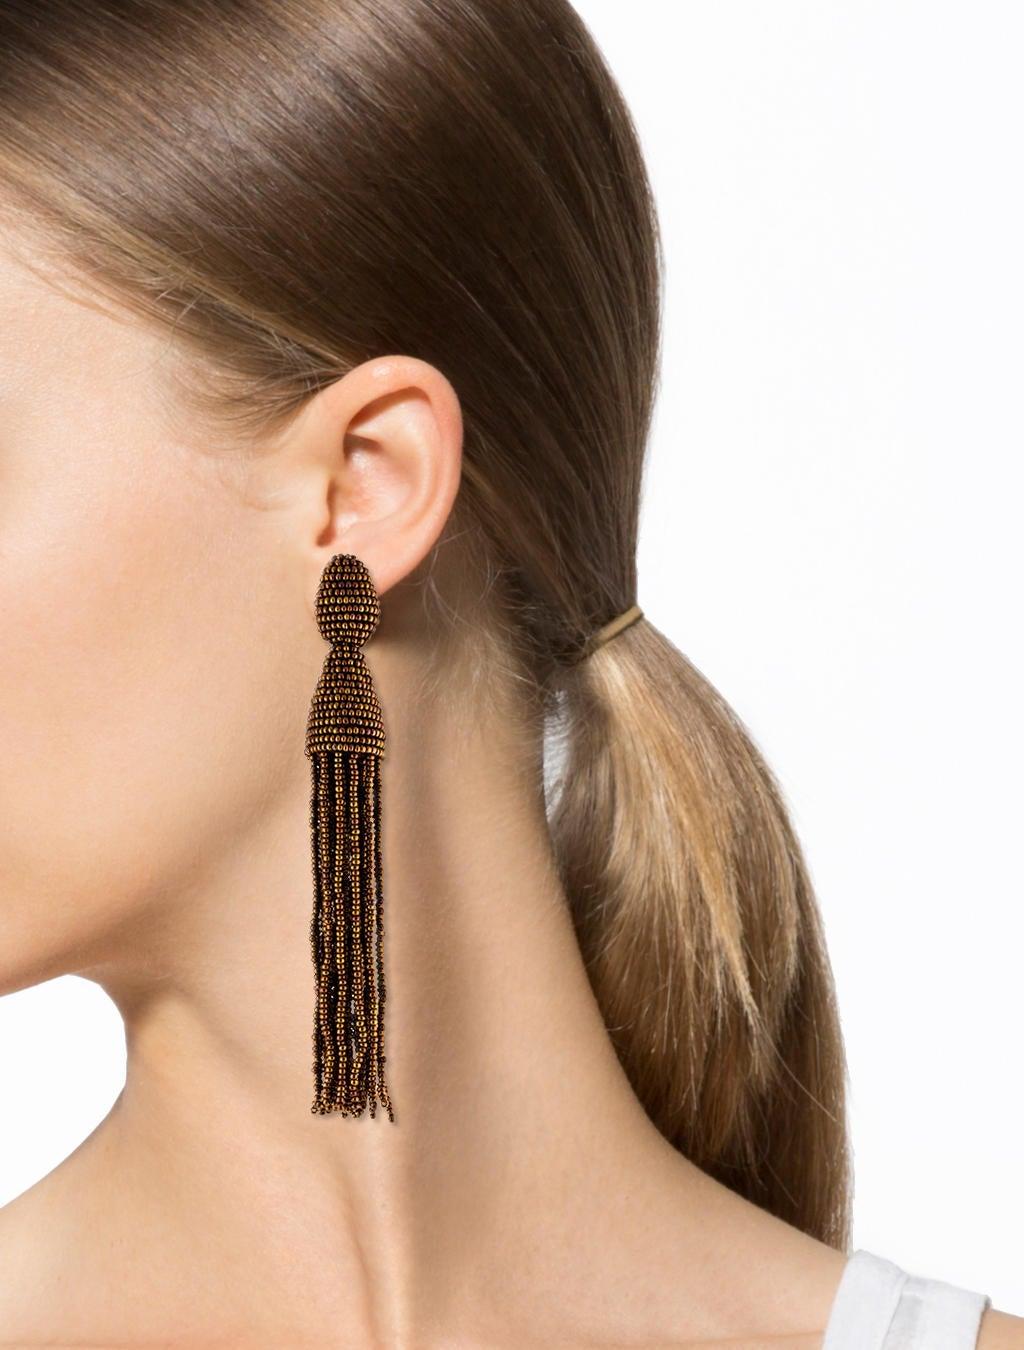 Oscar De La Renta Fawn Beaded Long Tassel Earrings Fawn 0gtyQ2hC8Q